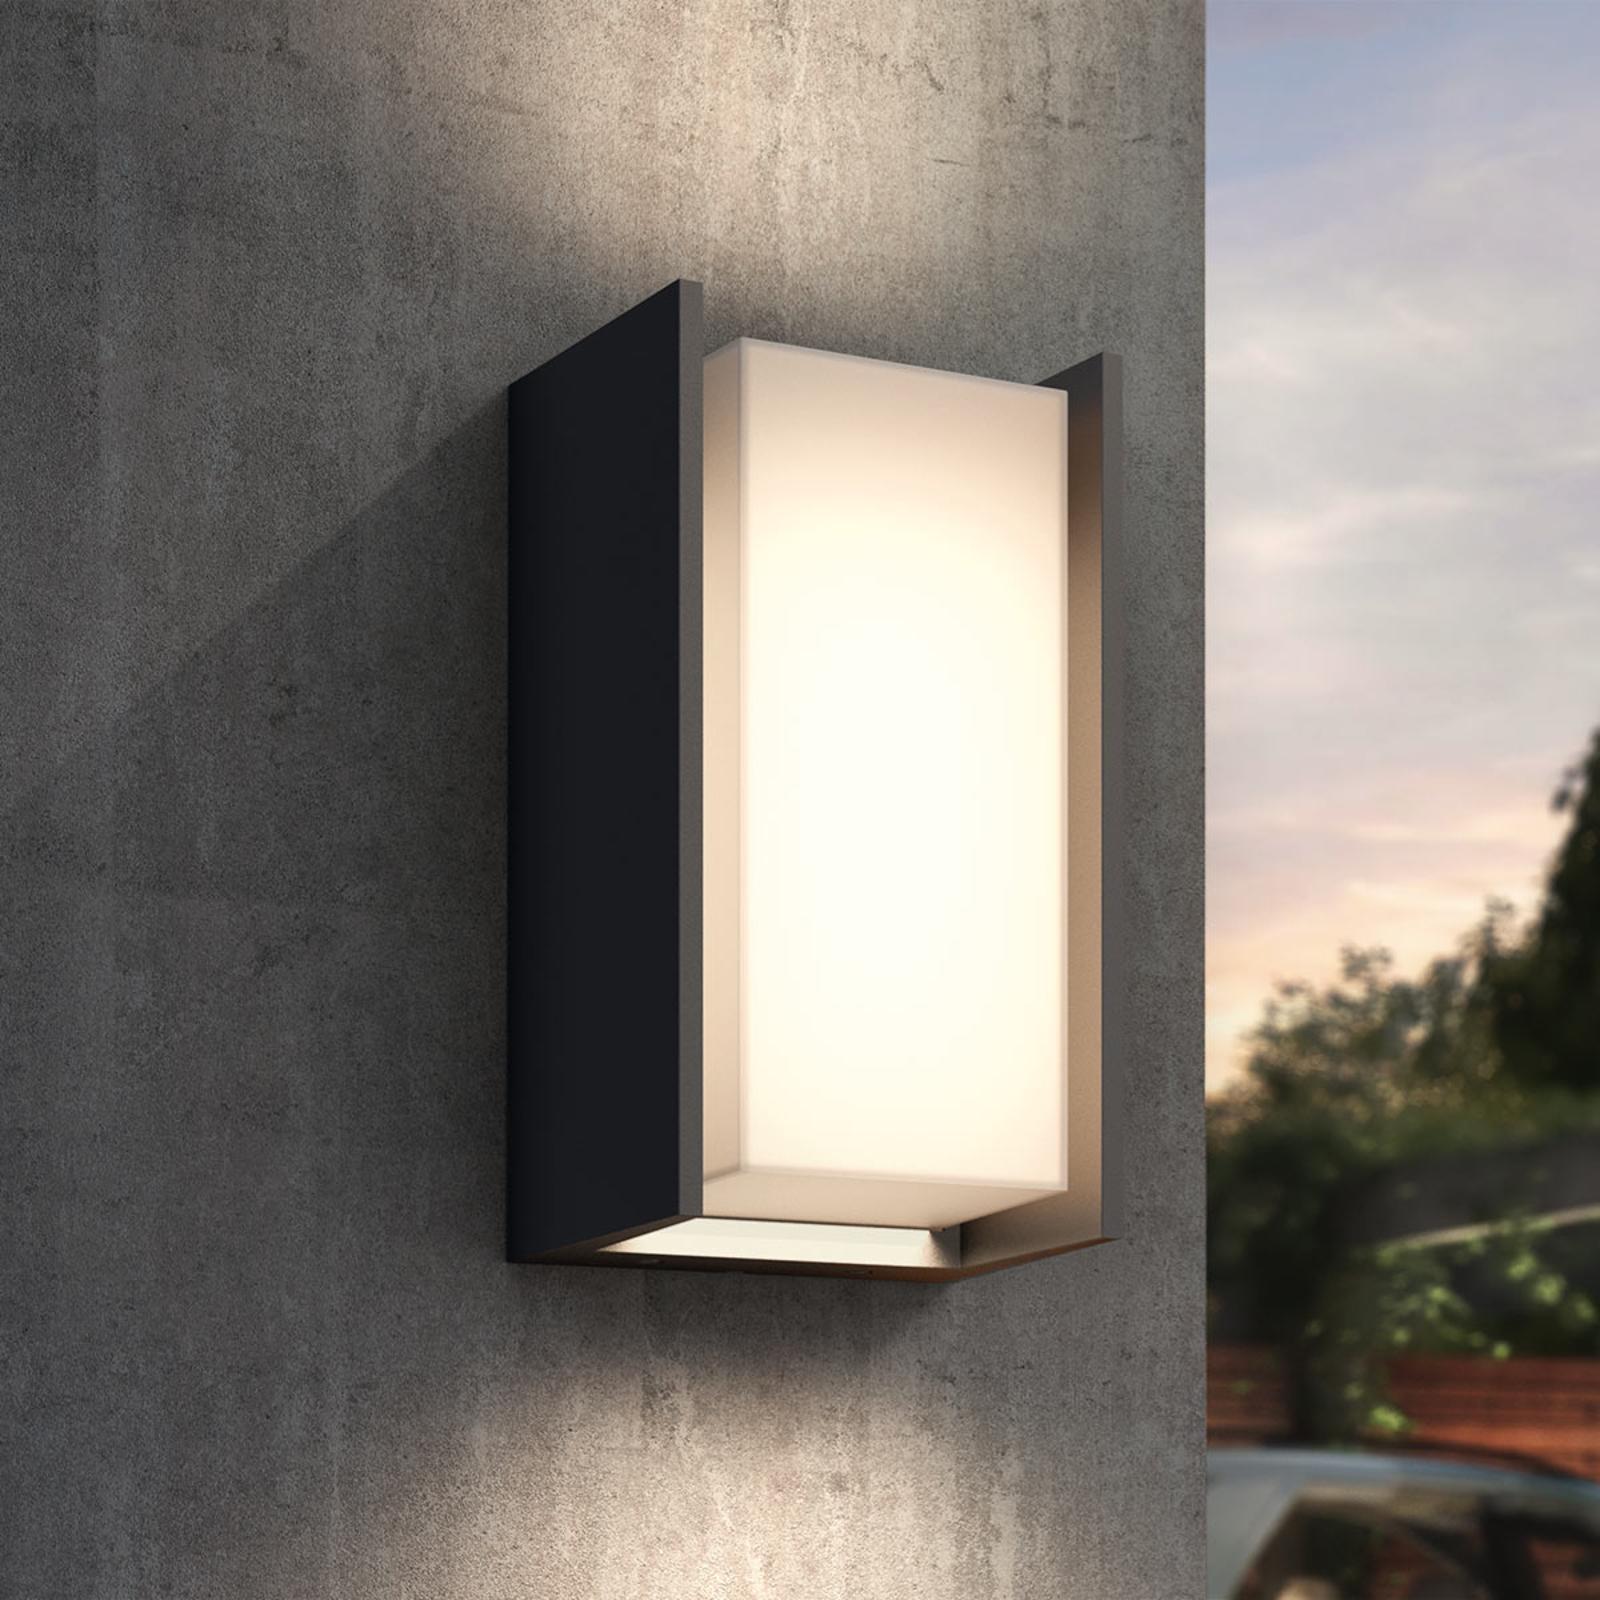 Aplique LED para exterior Turaco Philips Hue